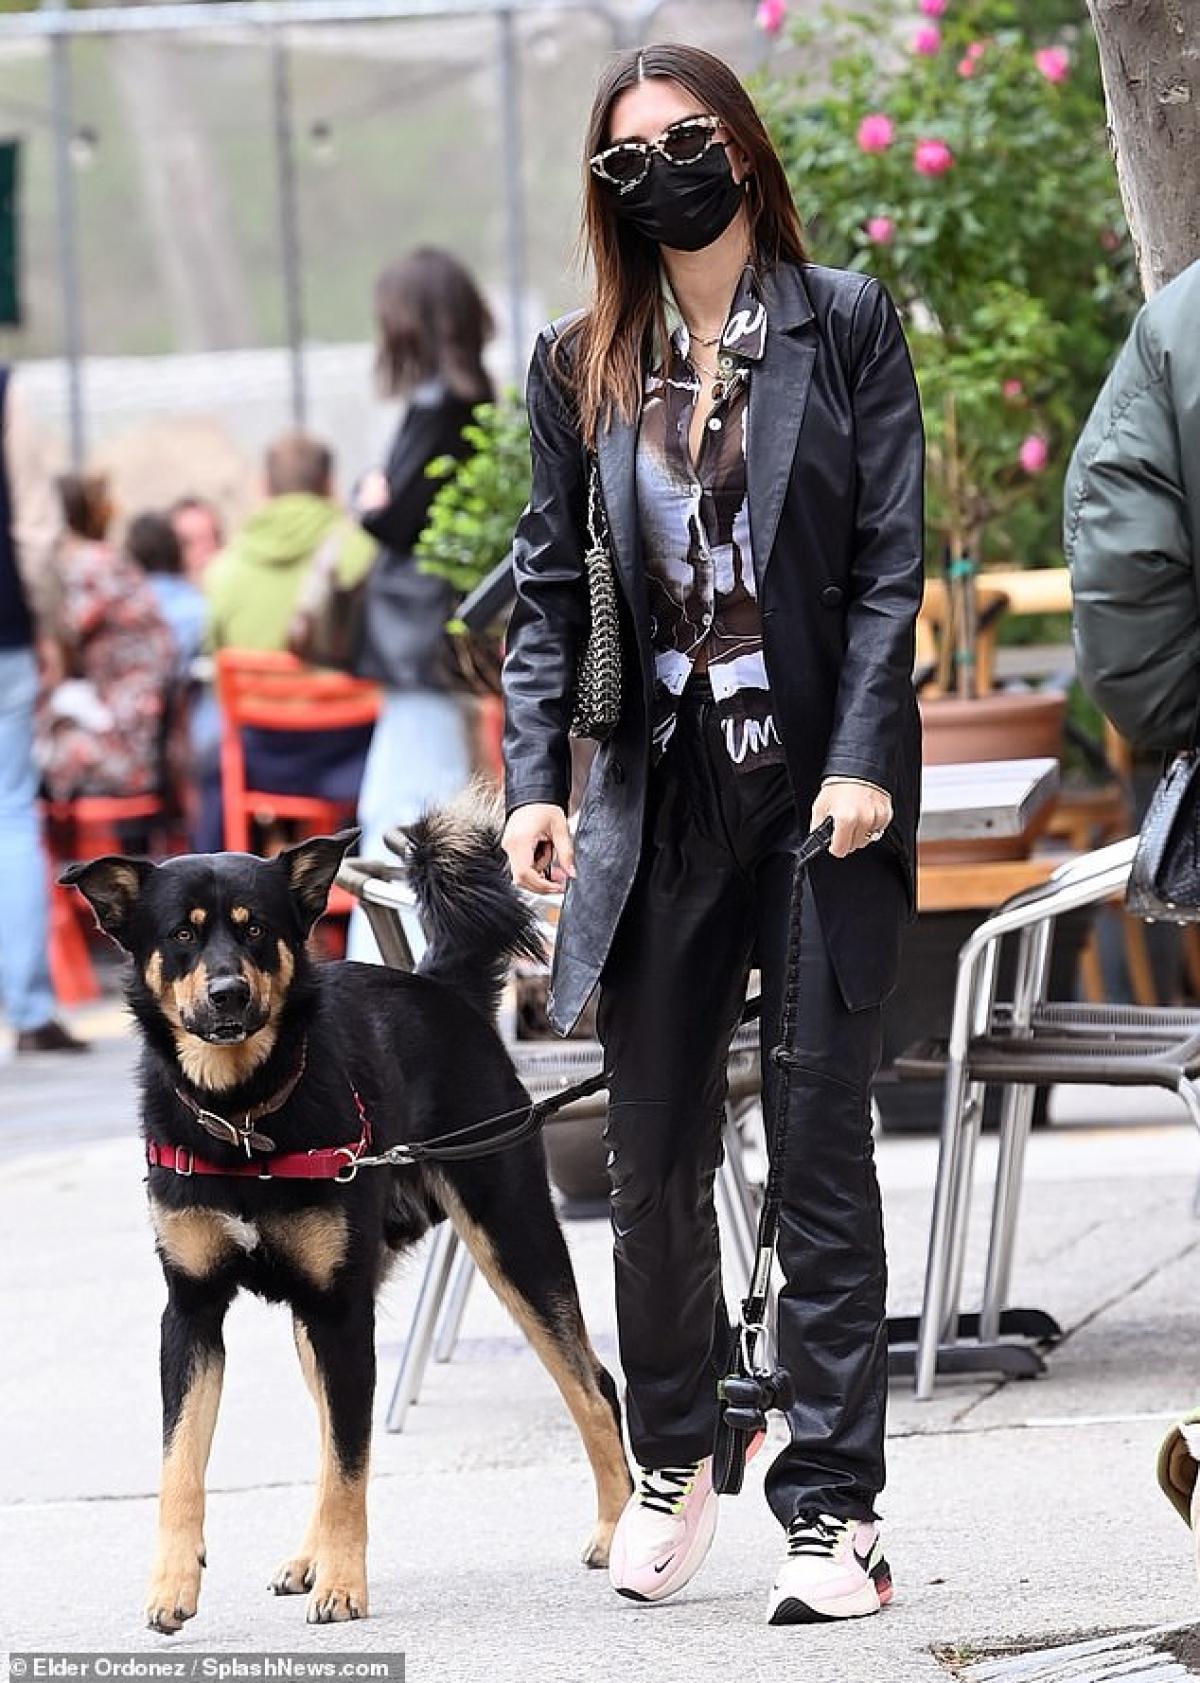 Mới đây, Emily Ratajkowski bị cánh săn ảnh bắt gặp khi đang dắt thú cưng ra phố đi dạo ở New York.